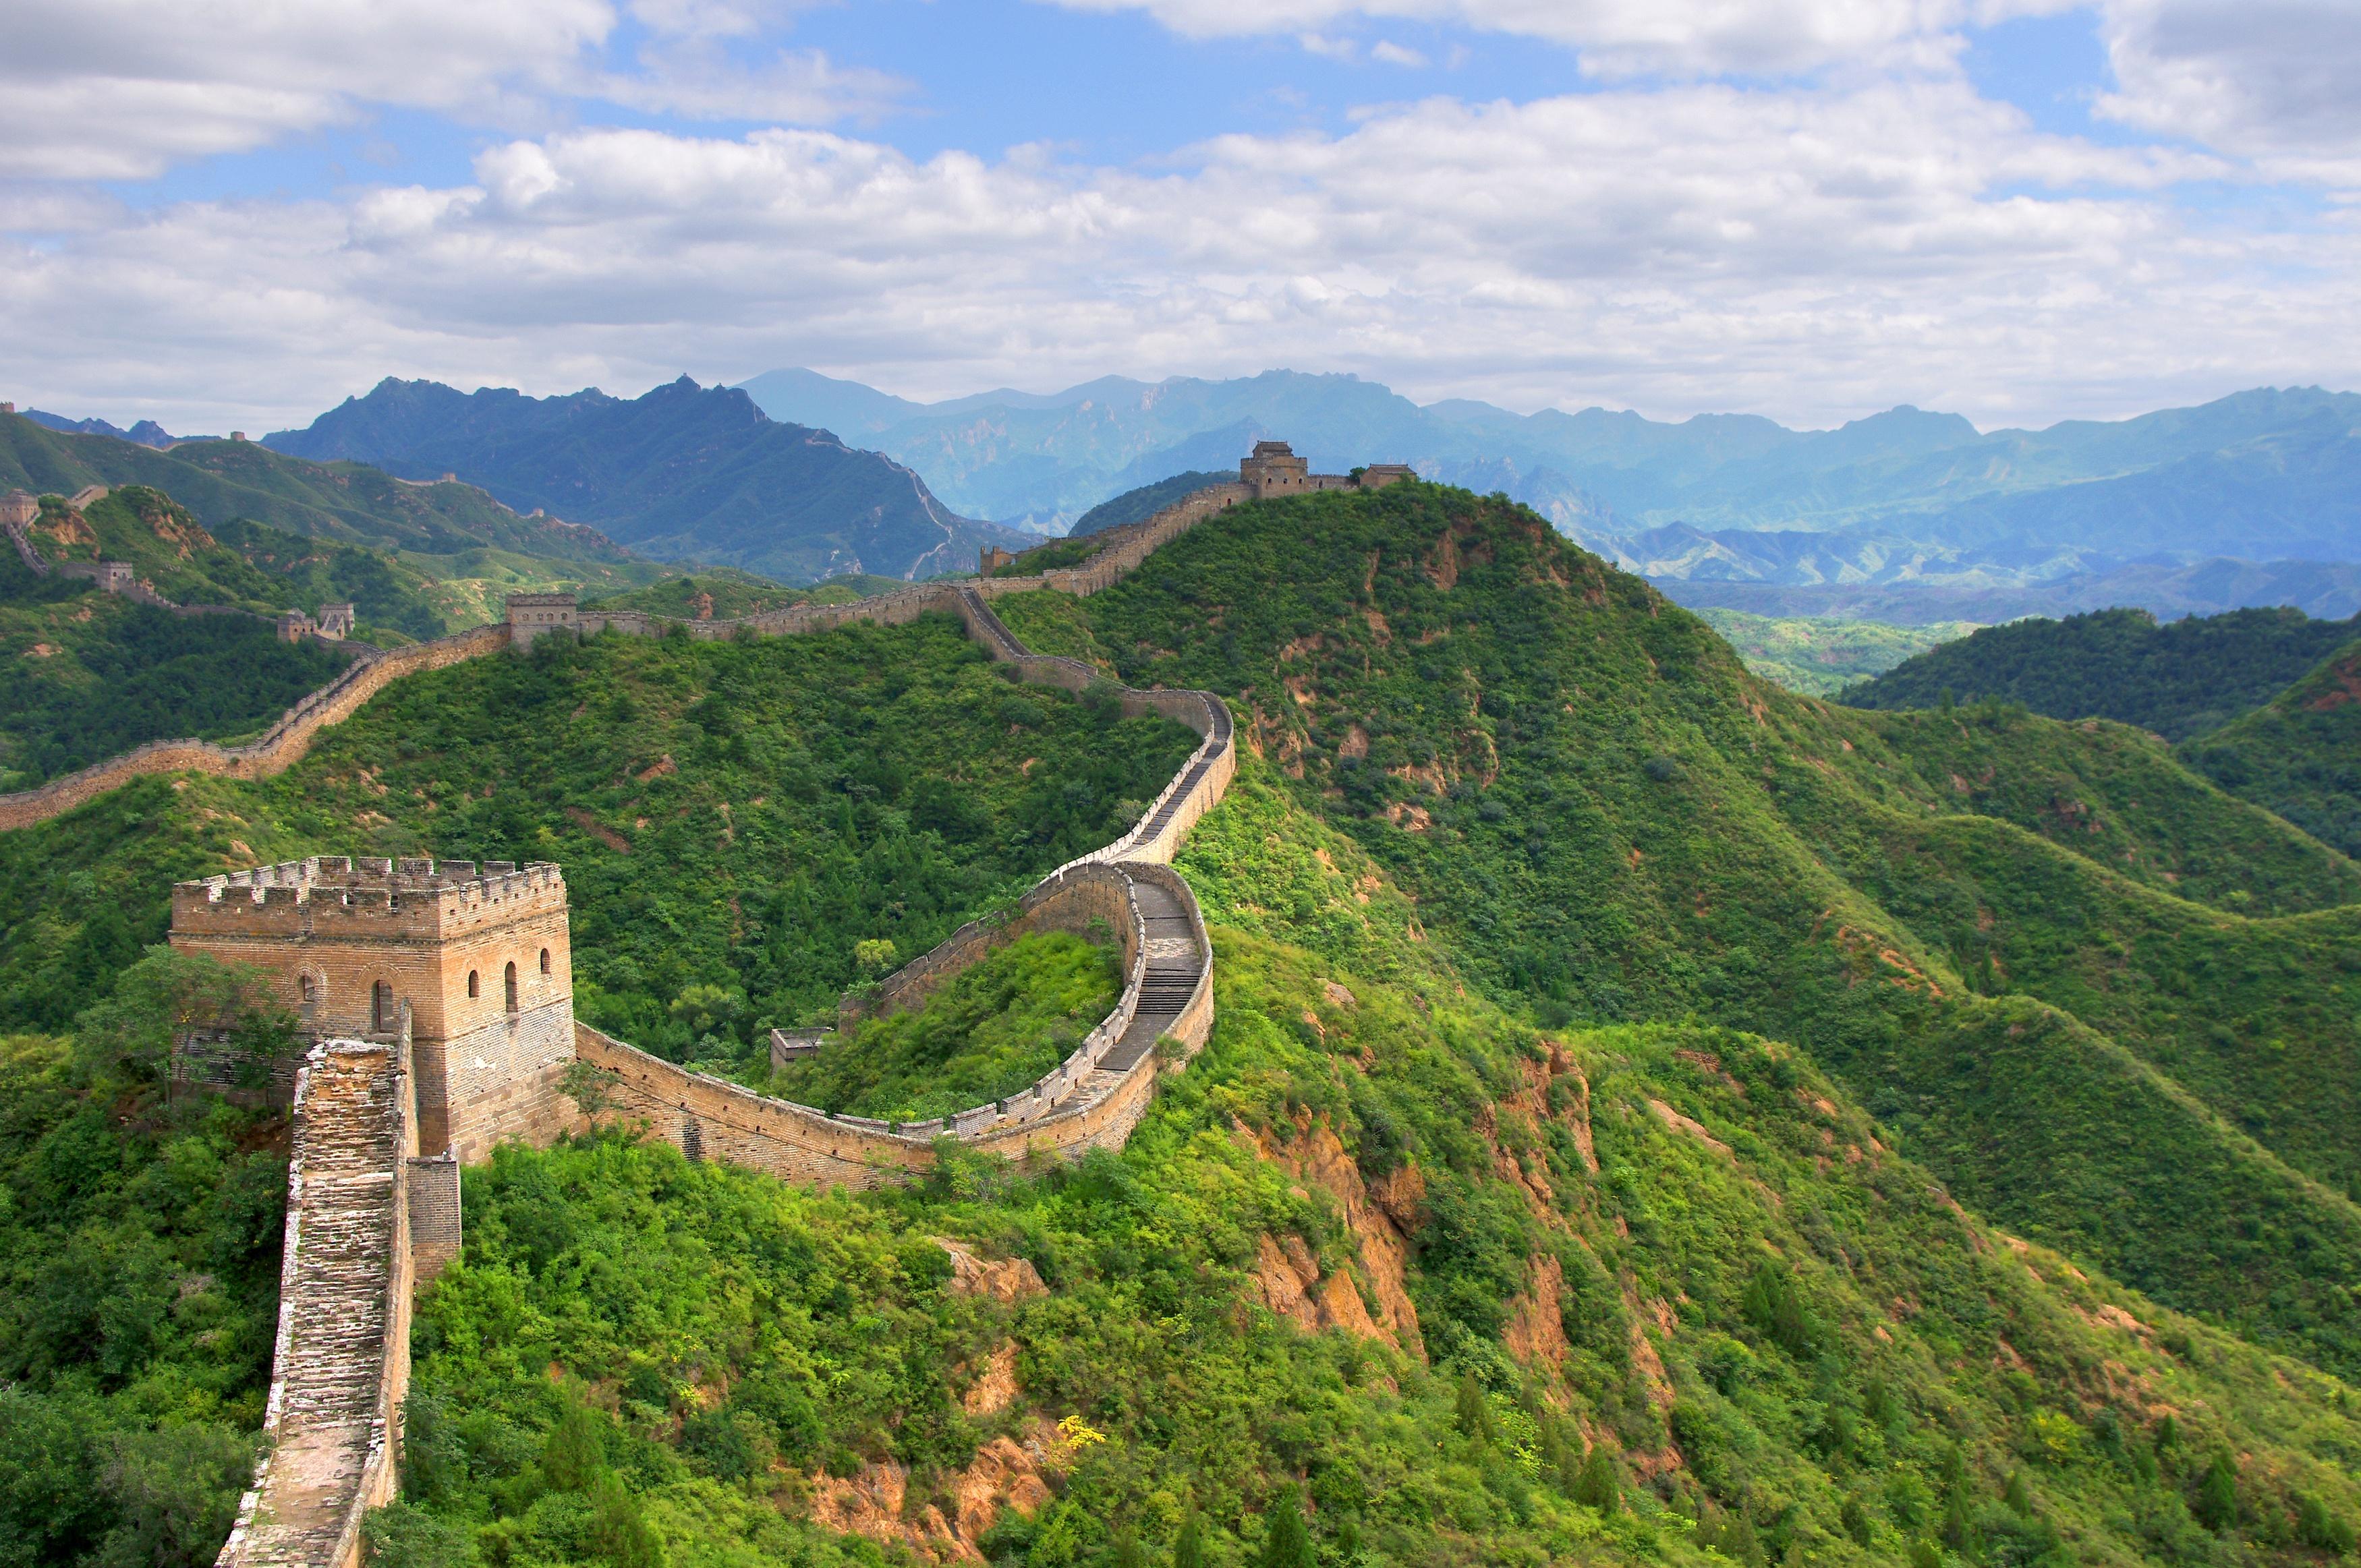 ทัวร์จีน-ปีใหม่-ปักกิ่ง-หอคอยโอลิมปิกทาวเวอร์-5วัน-3คืน-(OCT-DEC18)-GO1PEK-CA001